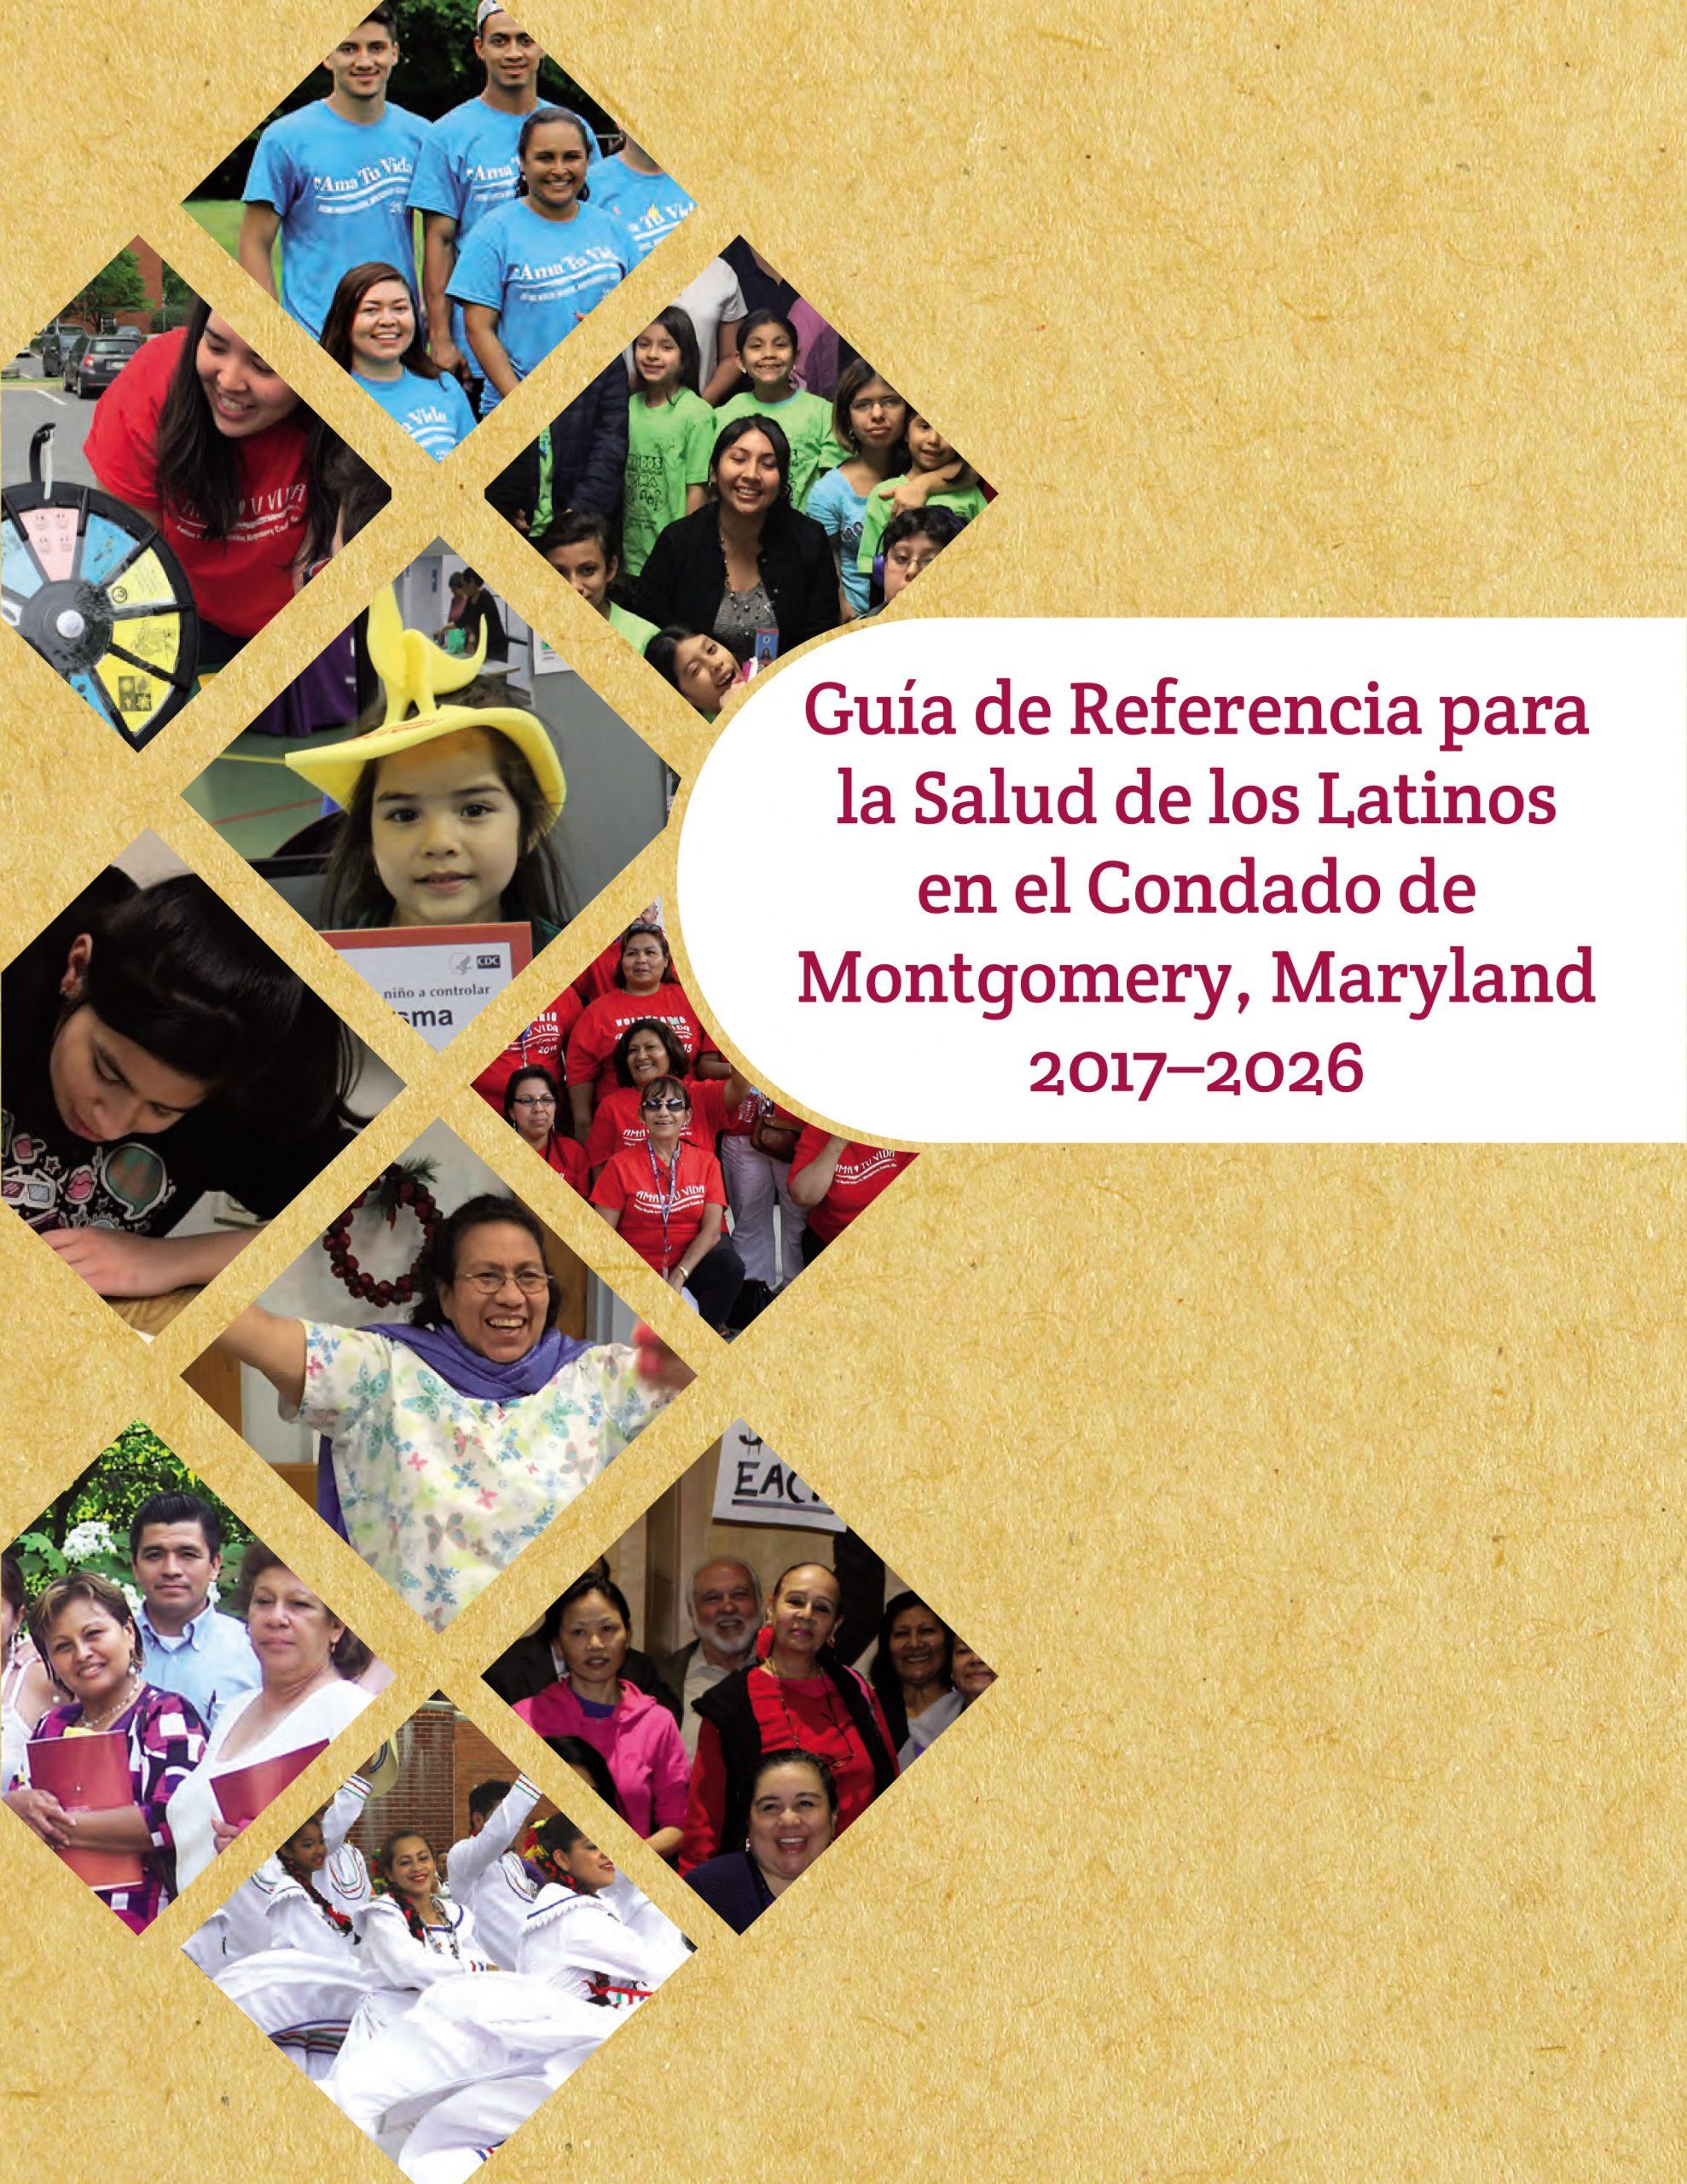 Blueprint-Guia-de-Referencia 2017-2026